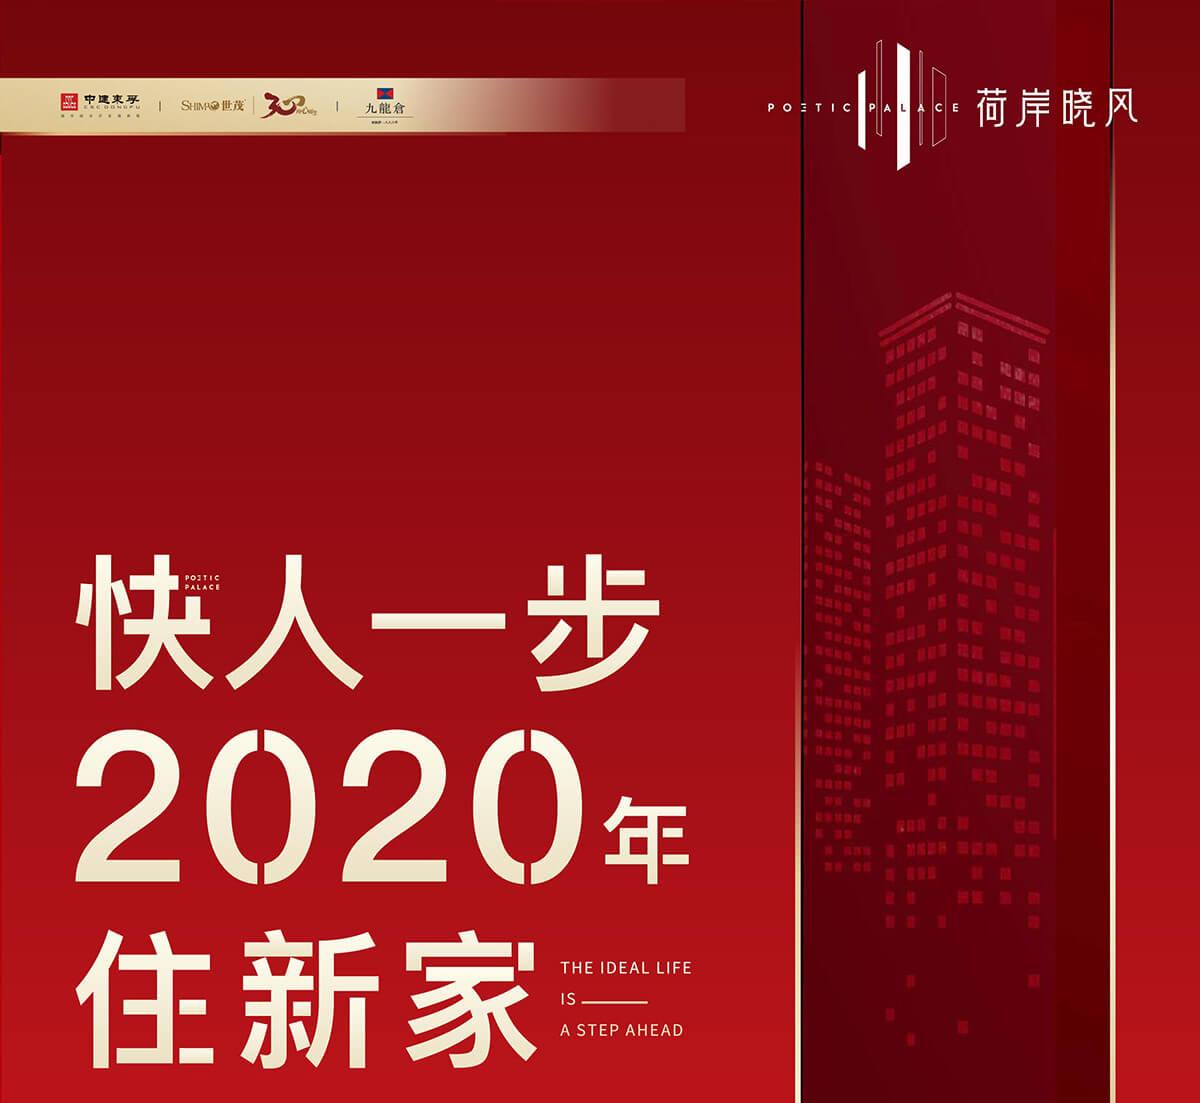 荷岸晓风-快人一步2020年住新家(图1)